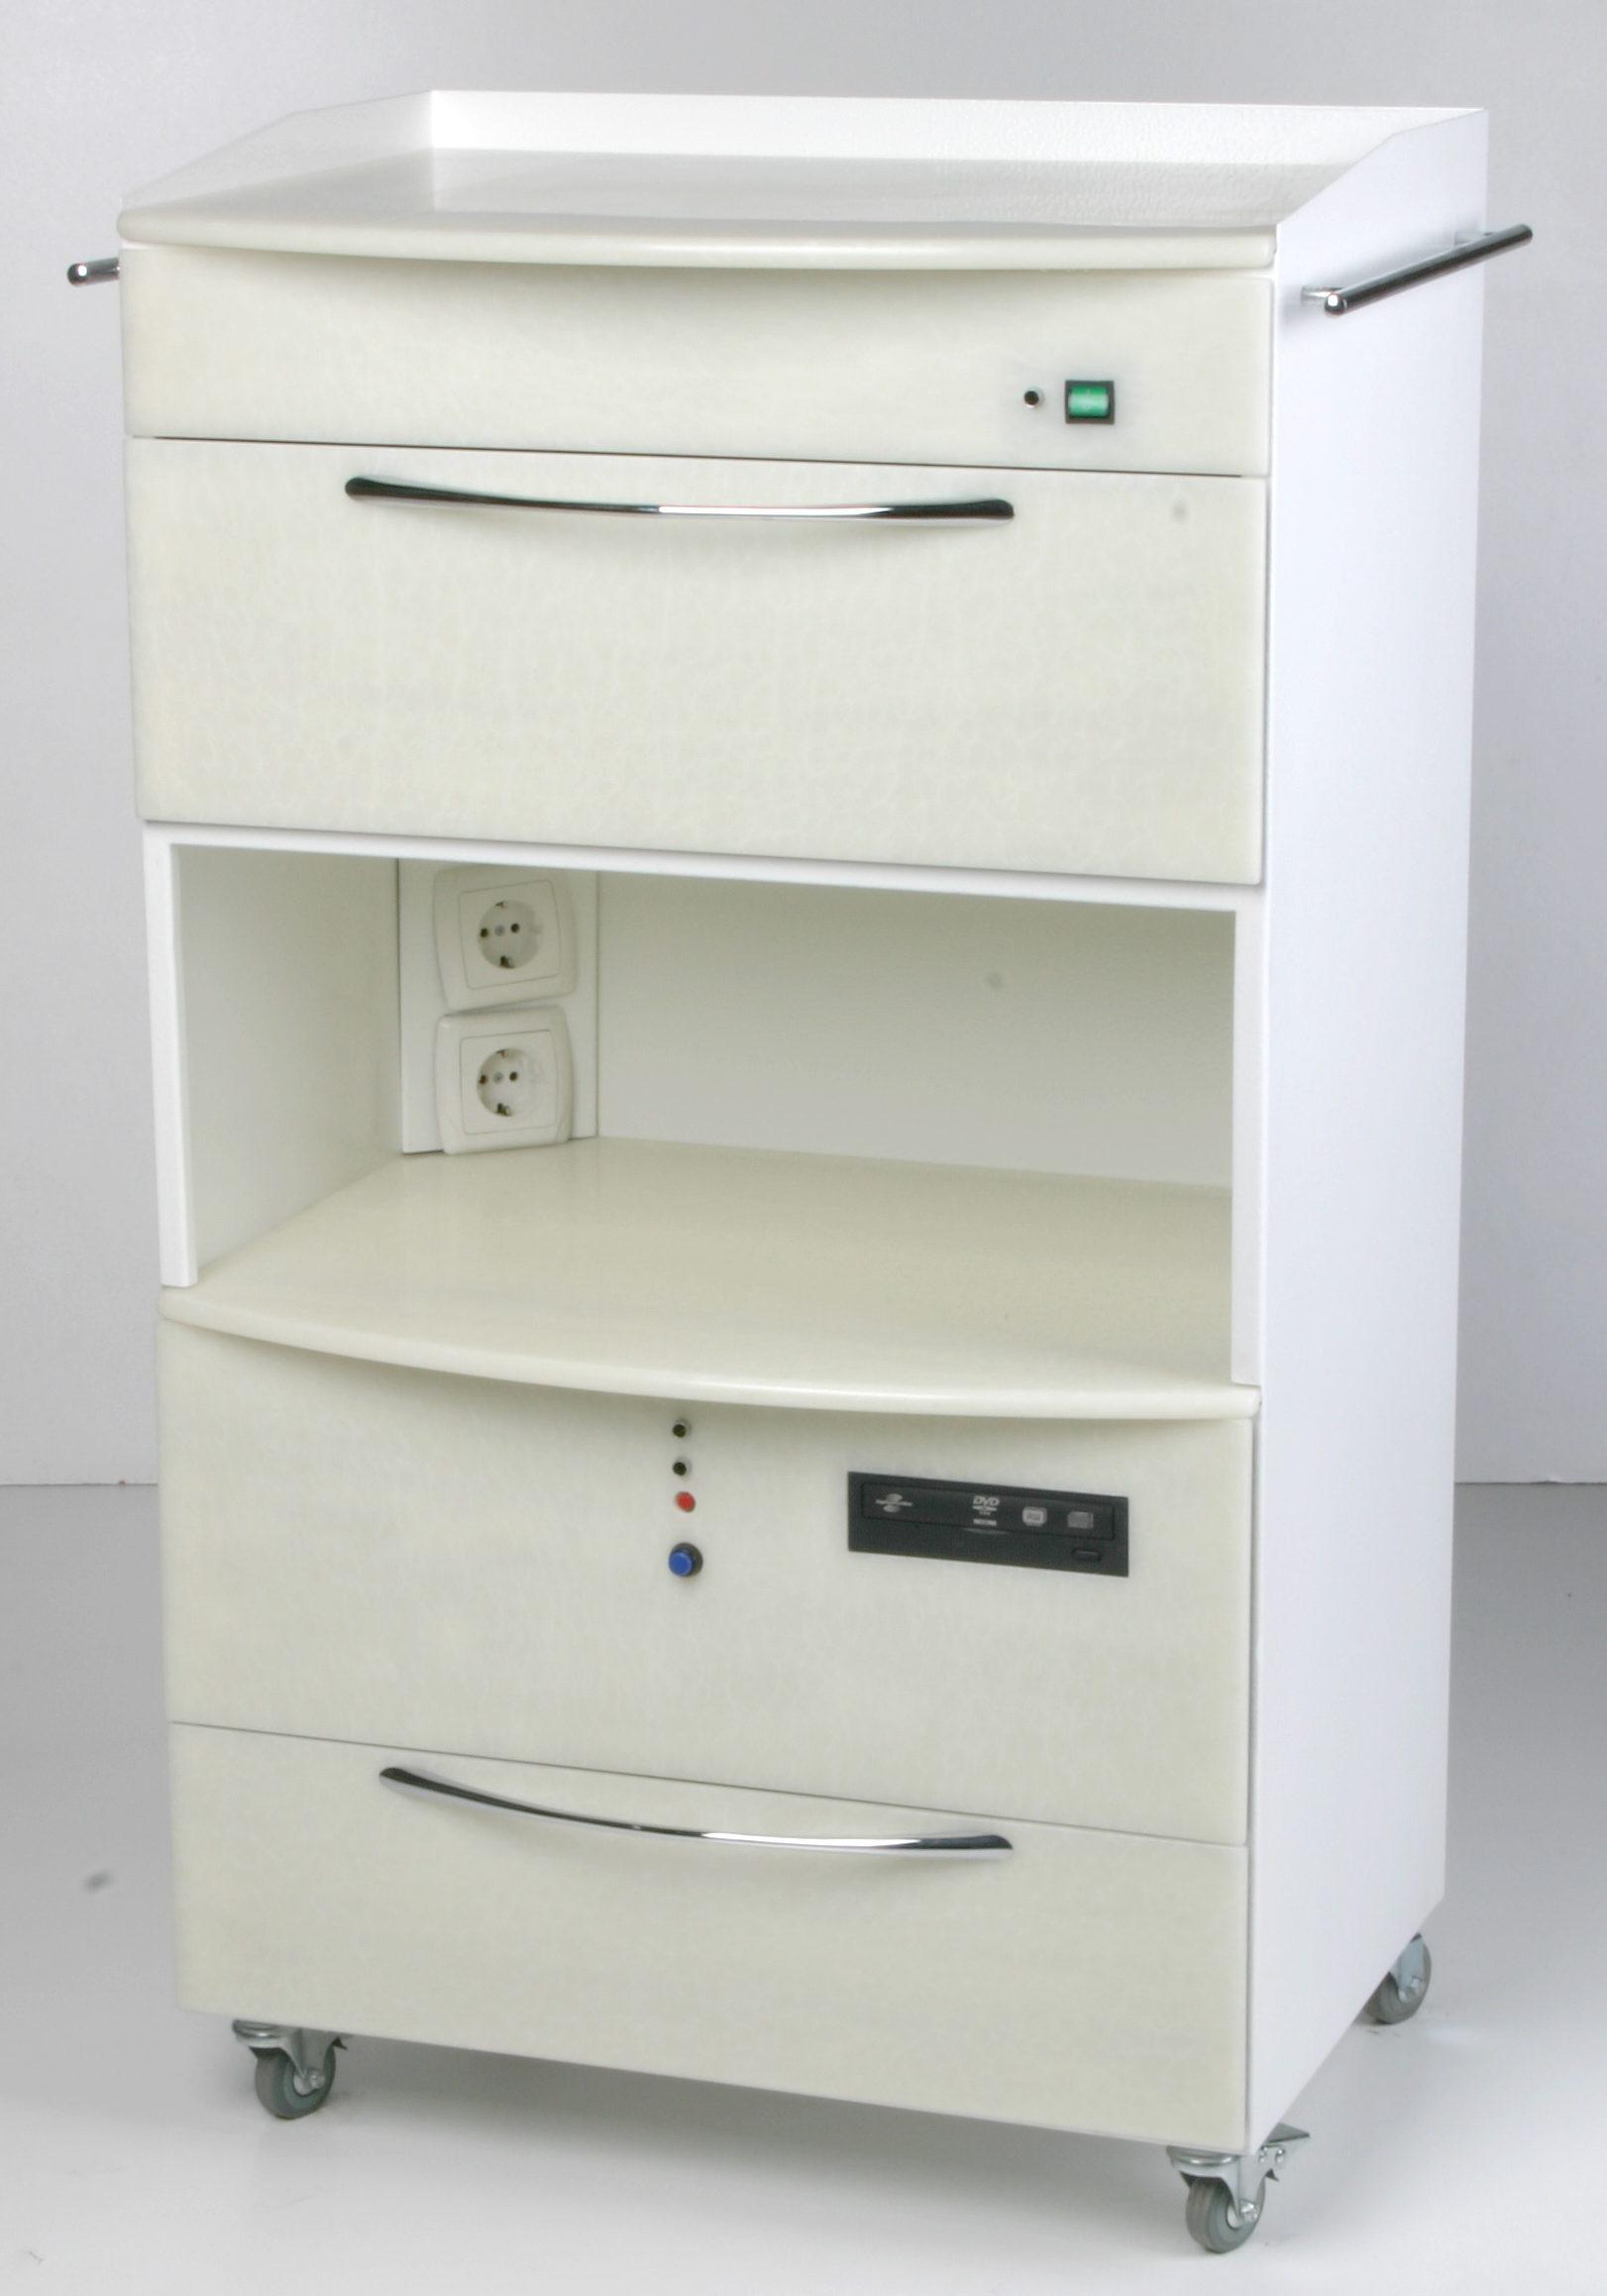 Тумба «Master Shimma». Верхняя часть тумбы- УФ камера Панмед 7, нижняя часть тумбы — персональный компьютер. Полки, верхняя и средняя, для медицинских приборов. Цена 810 у.е